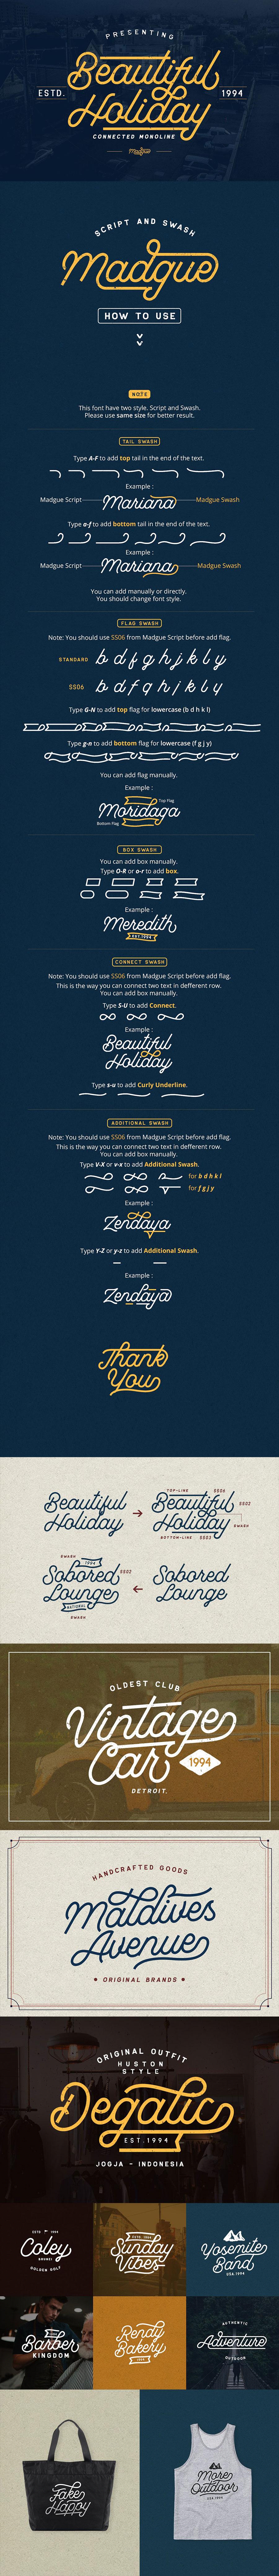 免费漂亮的复古时尚流畅的字体下载[otfttf]设计素材模板